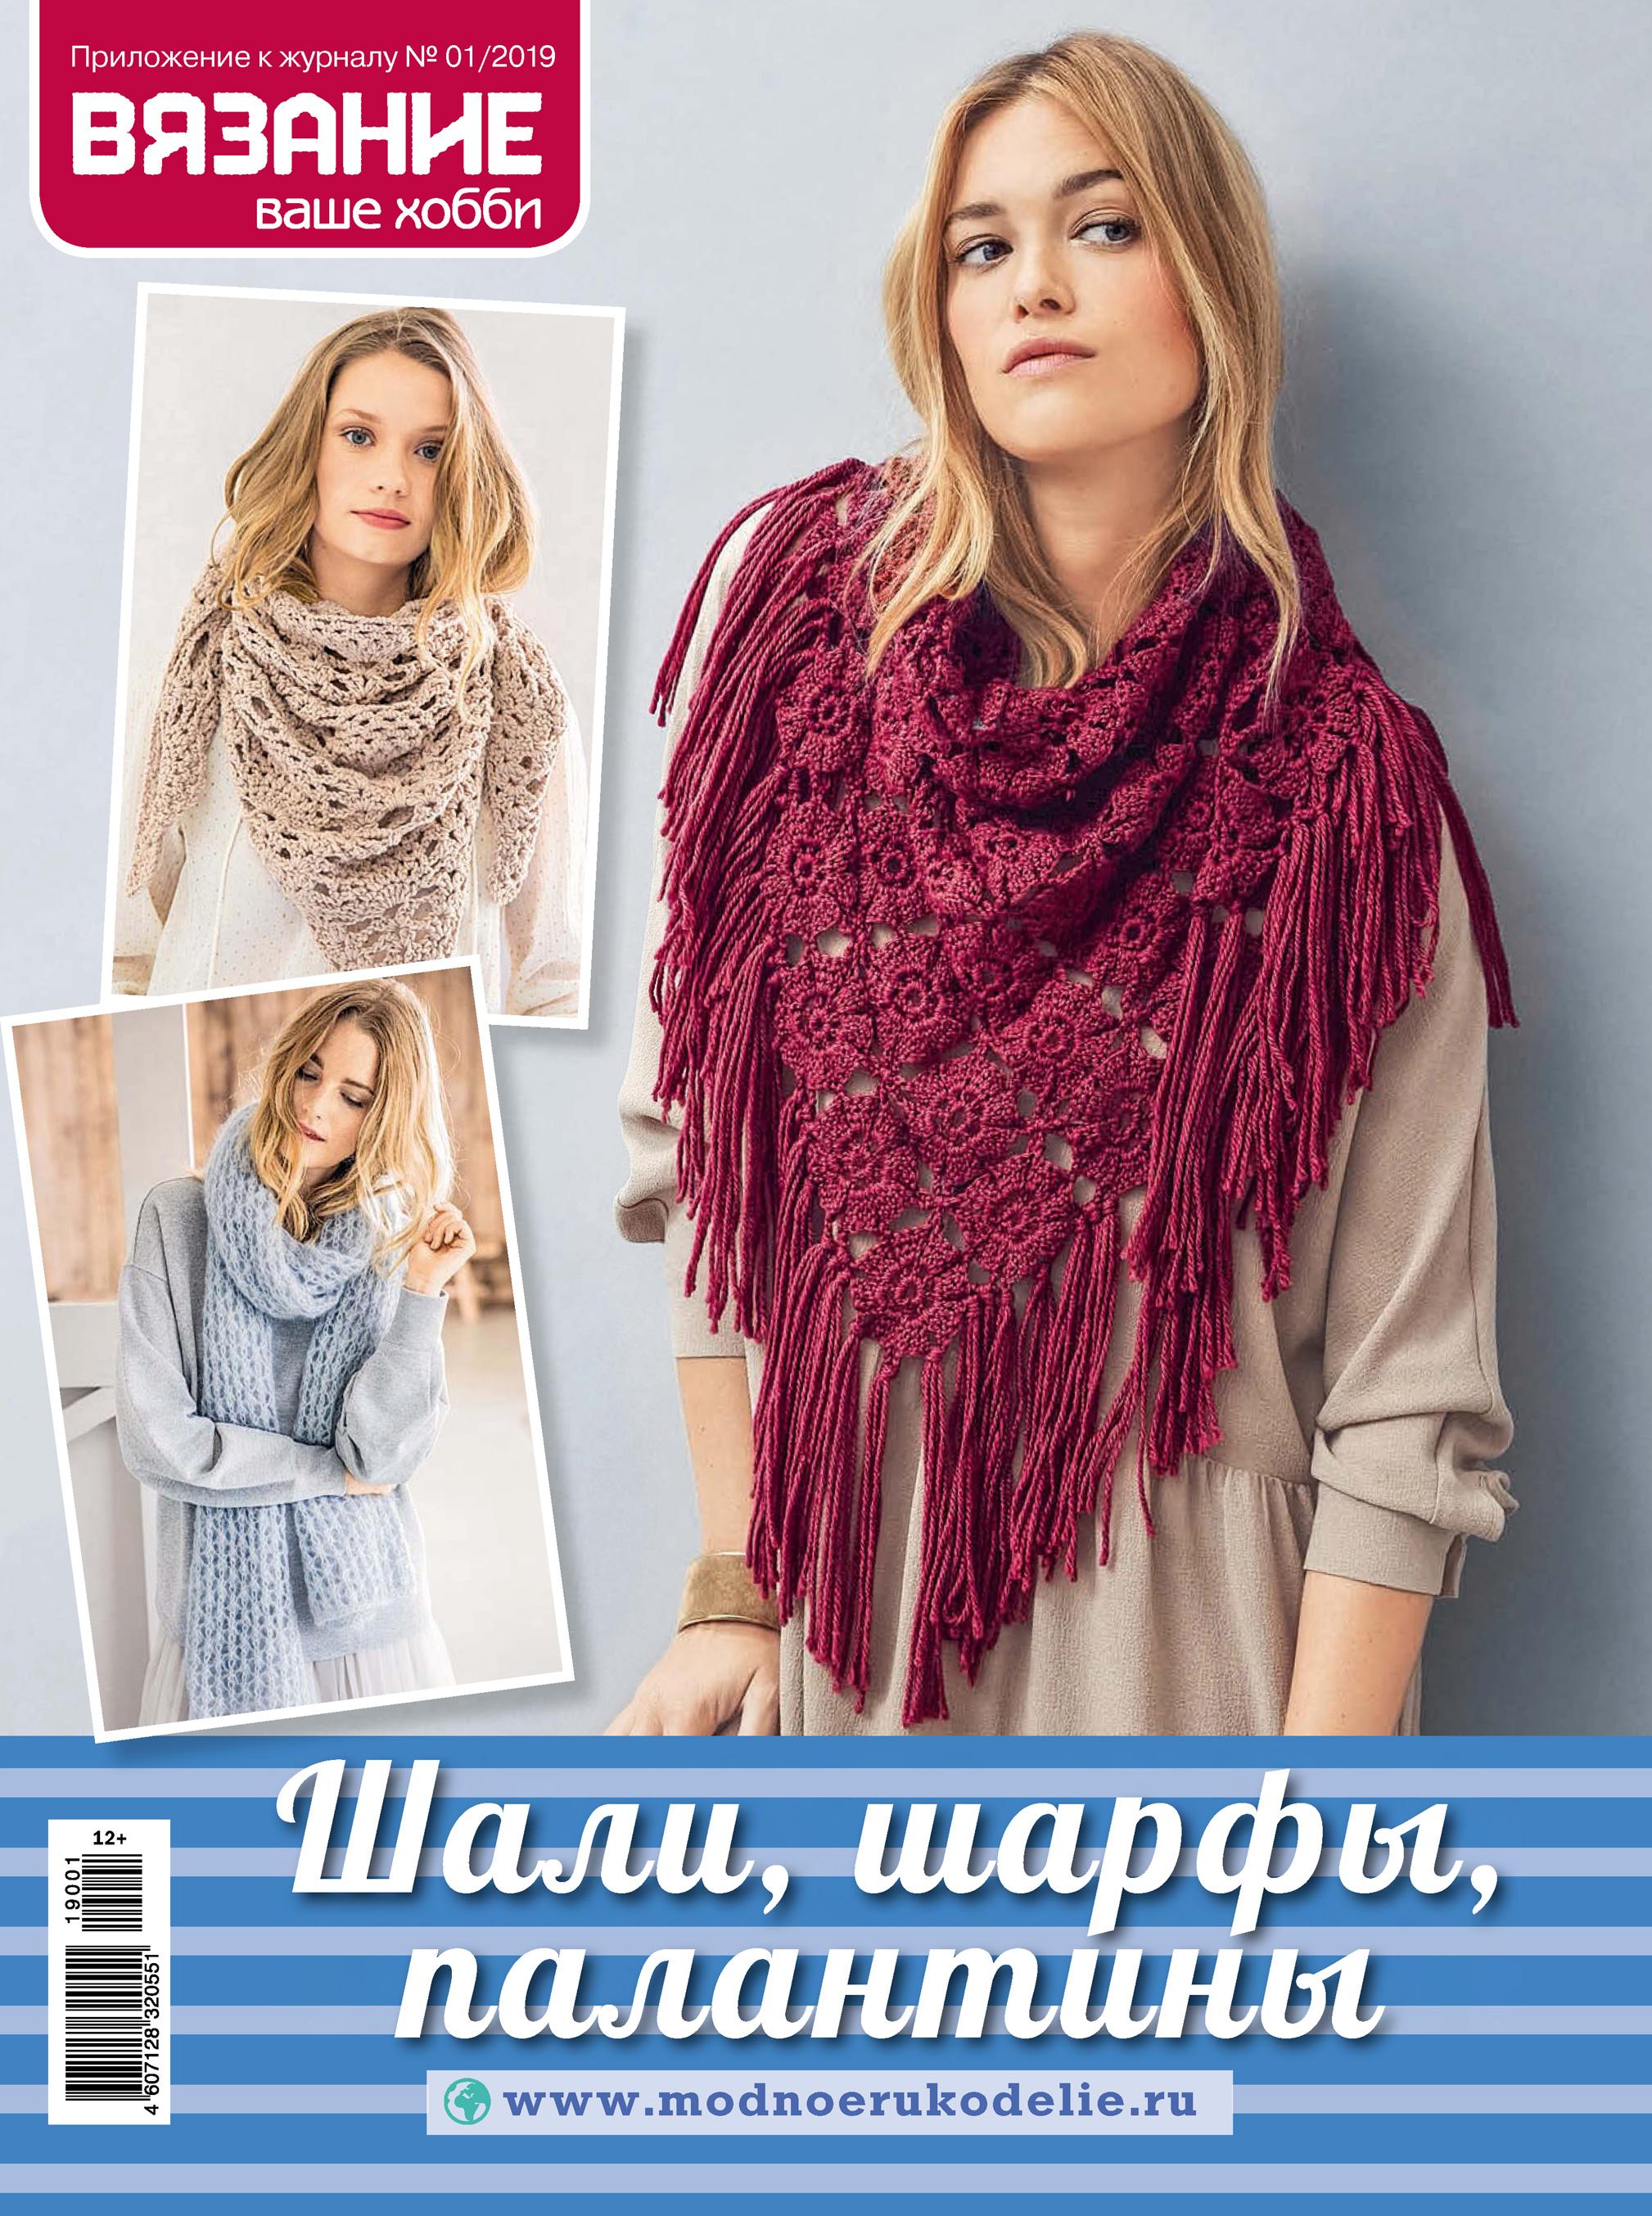 Отсутствует Вязание – ваше хобби. Приложение №01/2019. Шали, шарфы, палантины